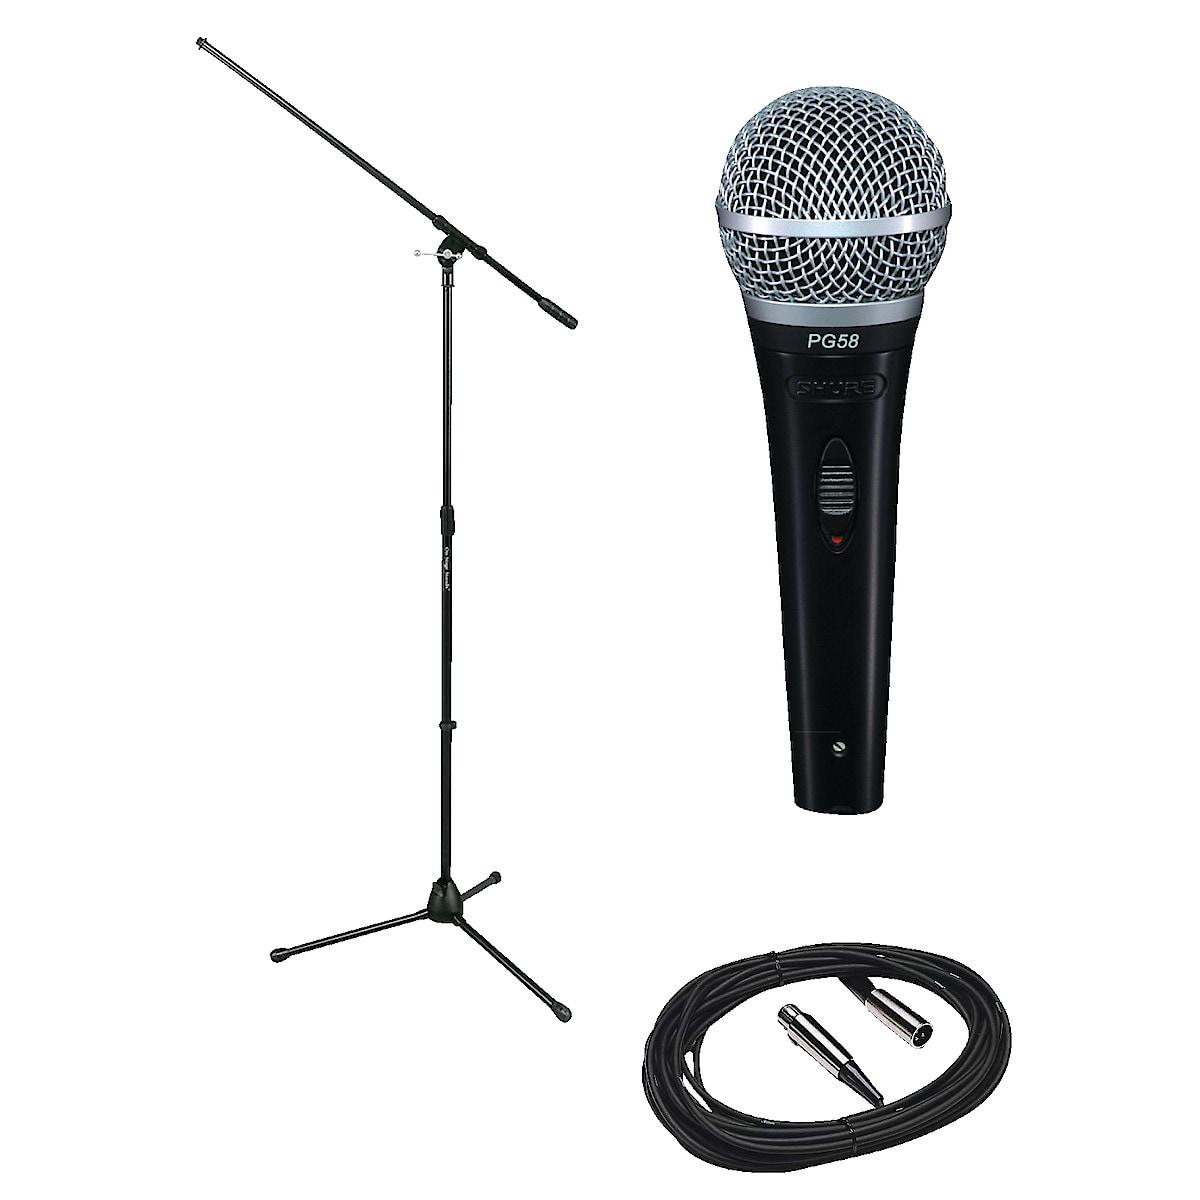 Mikrofon PG58 inkl. stativ och kabel, Shure